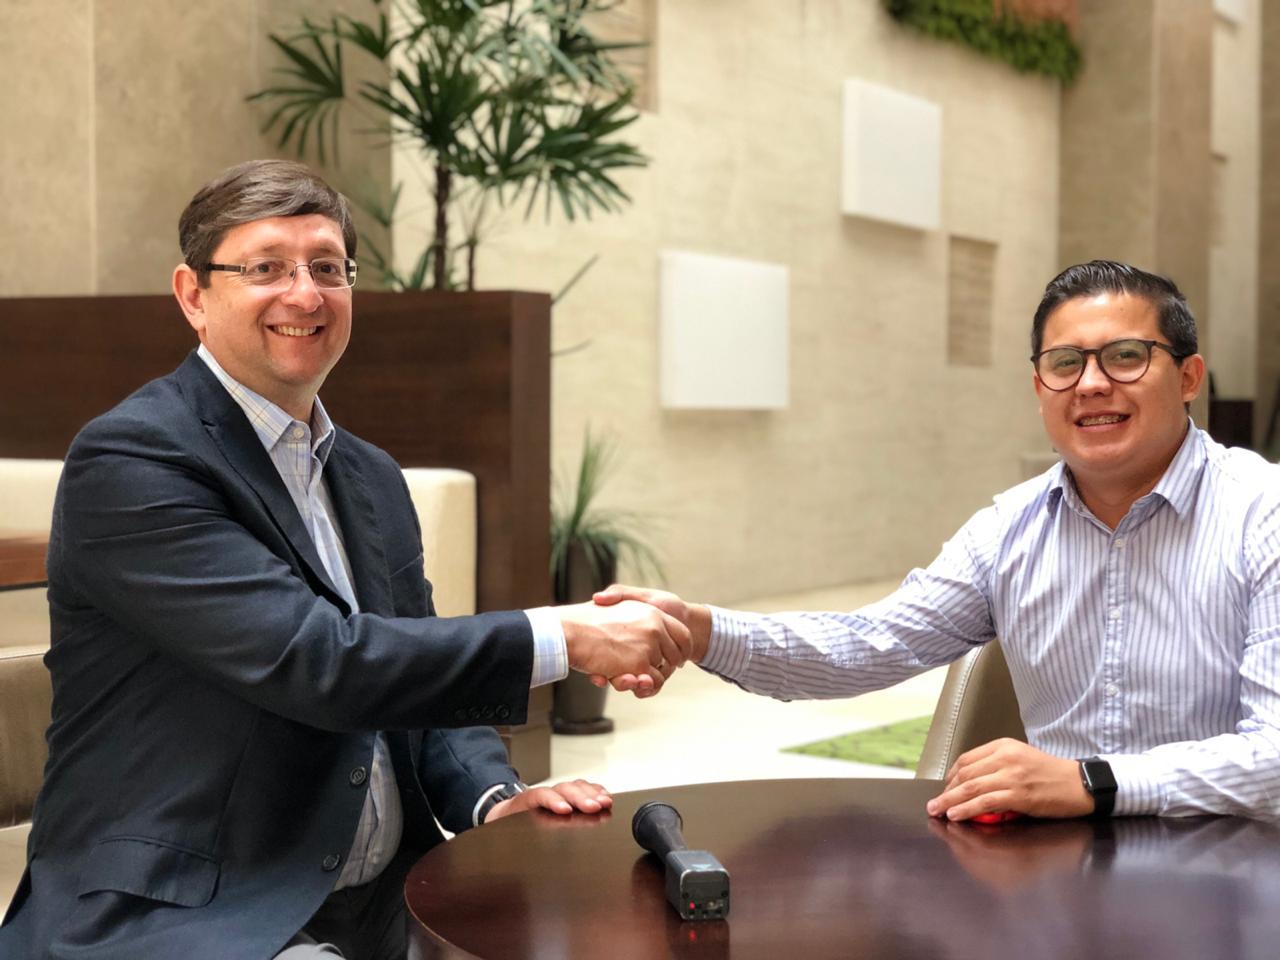 Candidato presidencial Óscar Ortíz y su evaluación económica 2018 y perspectivas 2019